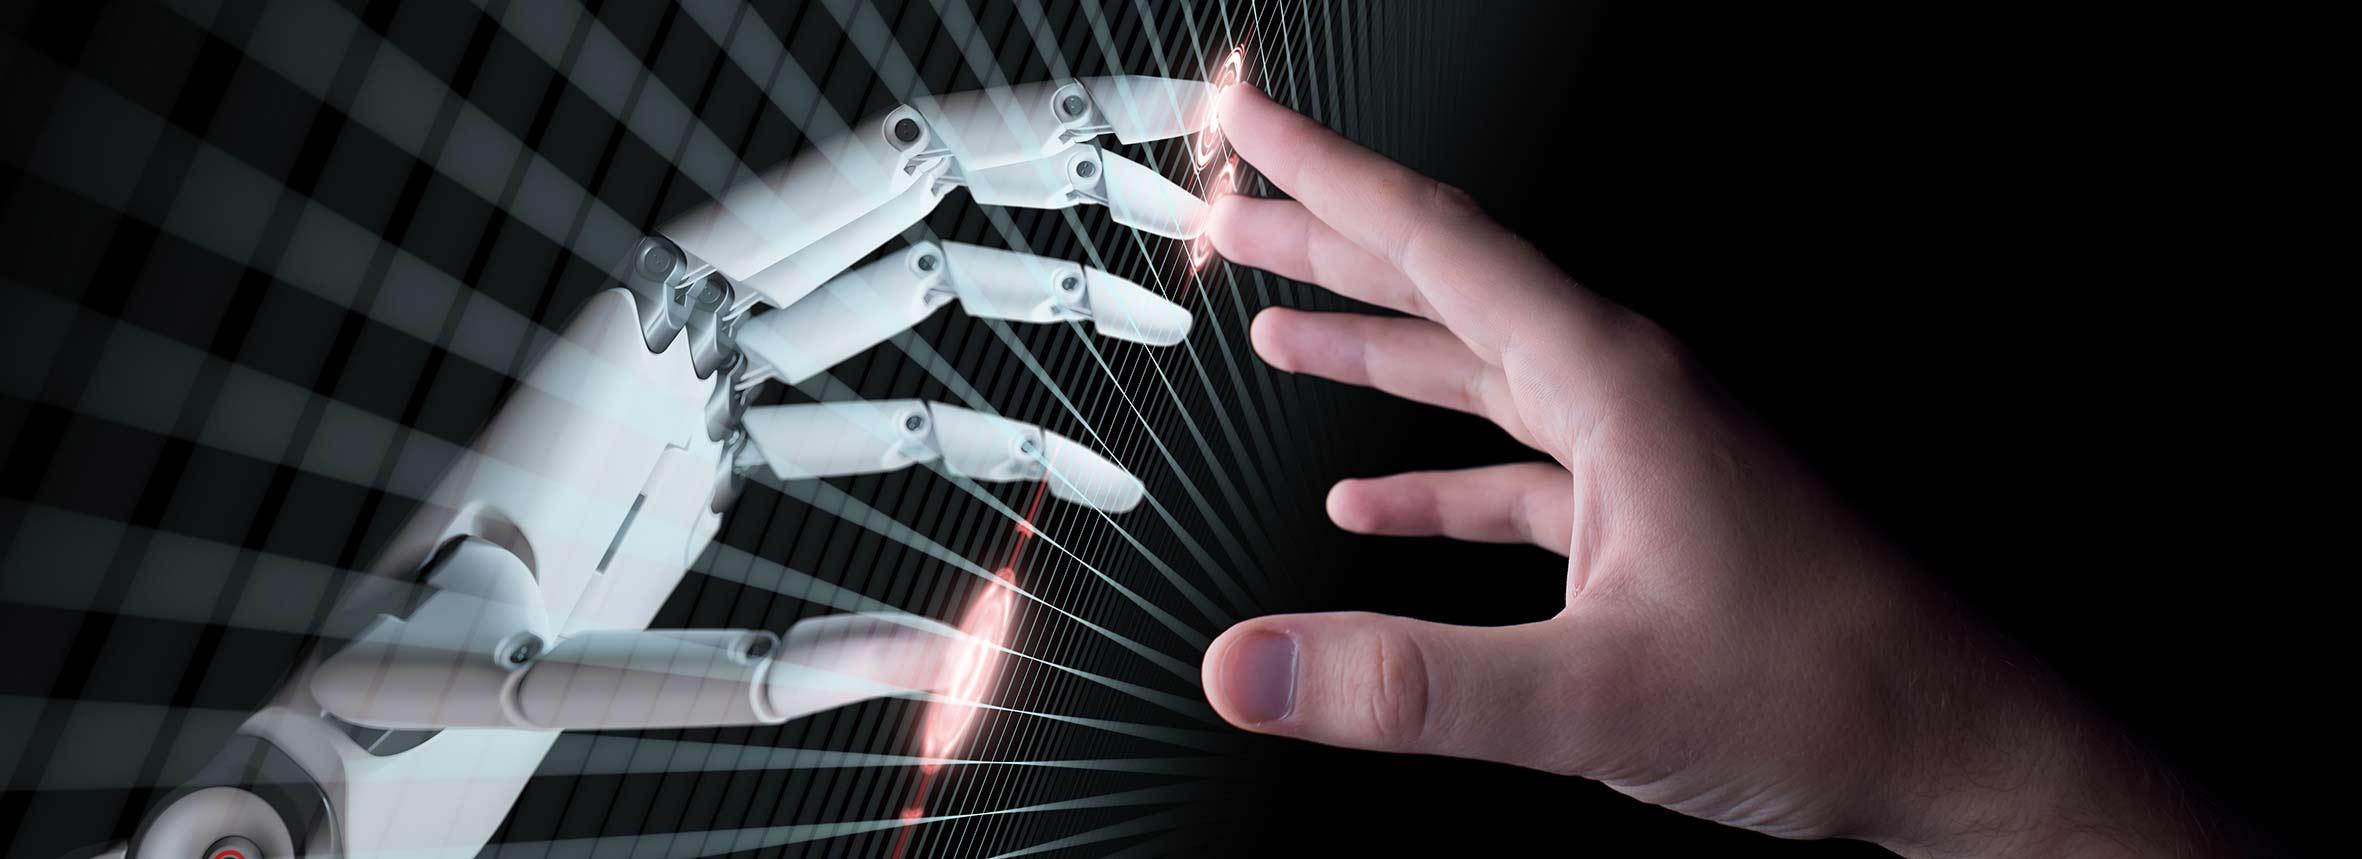 Roboterhand und menschliche Hand